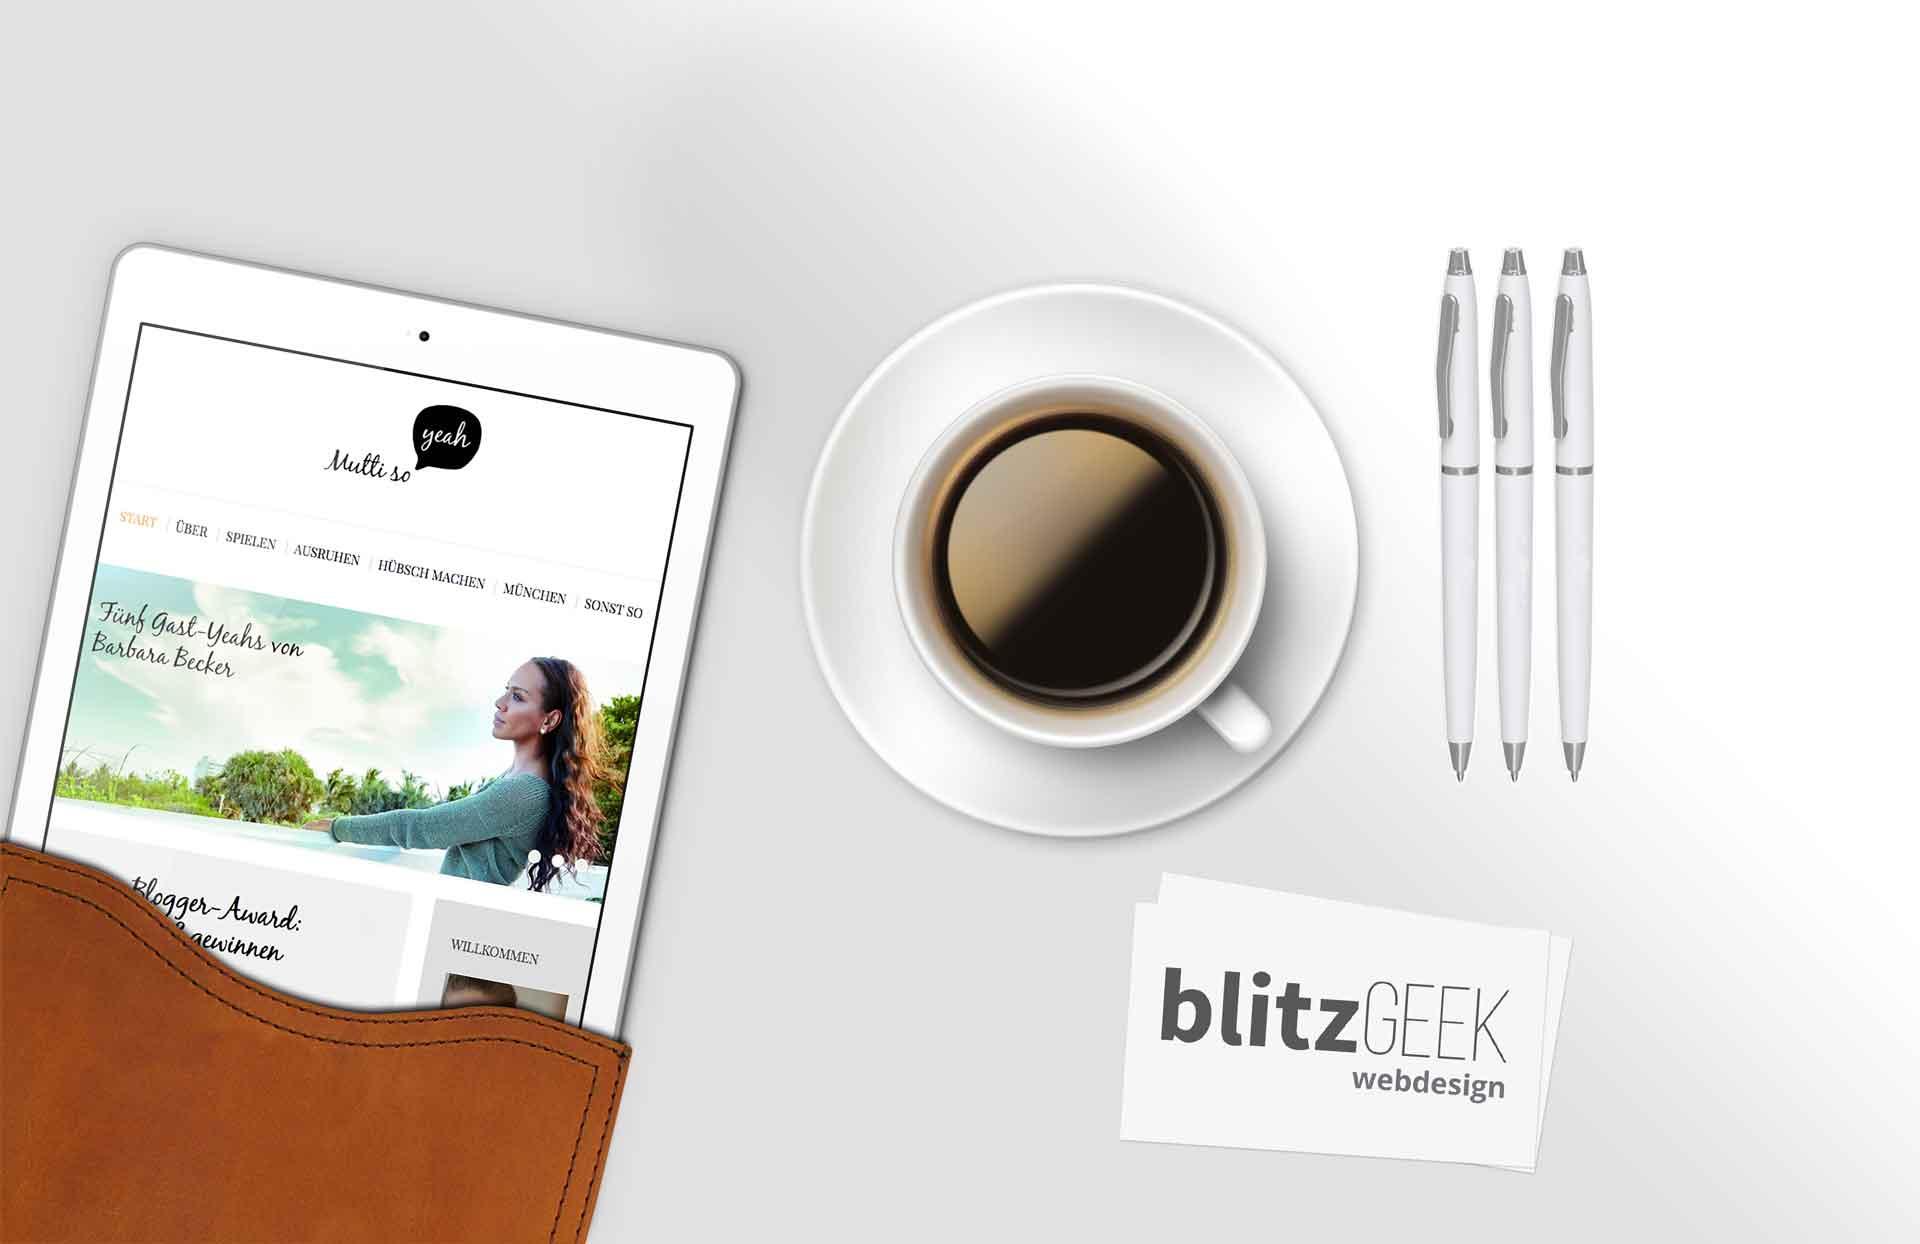 iPad zeigt mutti so yeah webseite | Ein BLITZGEEK Webdesign Projekt